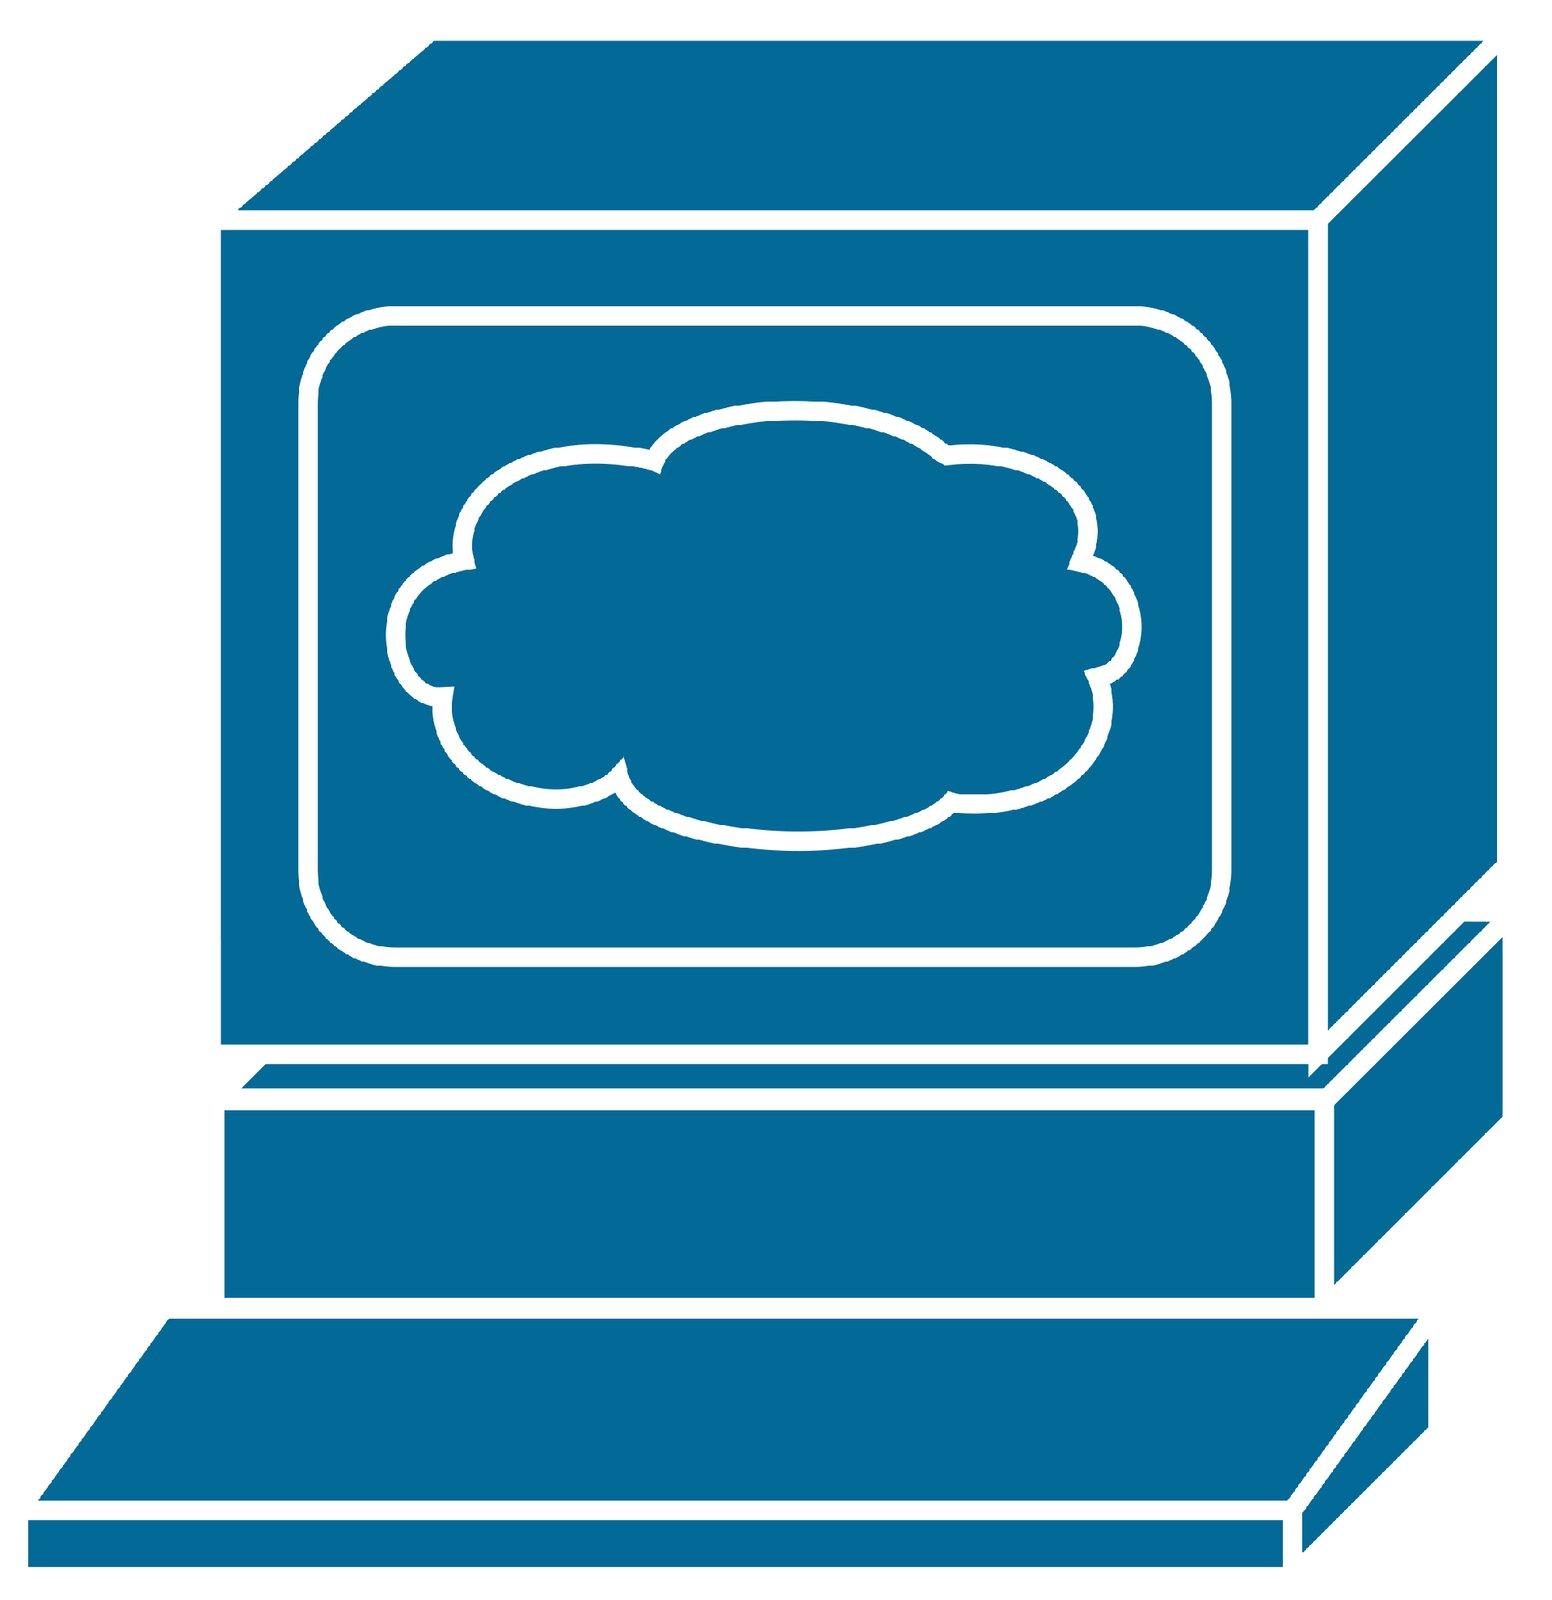 Ilustracja przedstawiająca komputer zwidocznym rysubkiem chmury na ekranie monitora